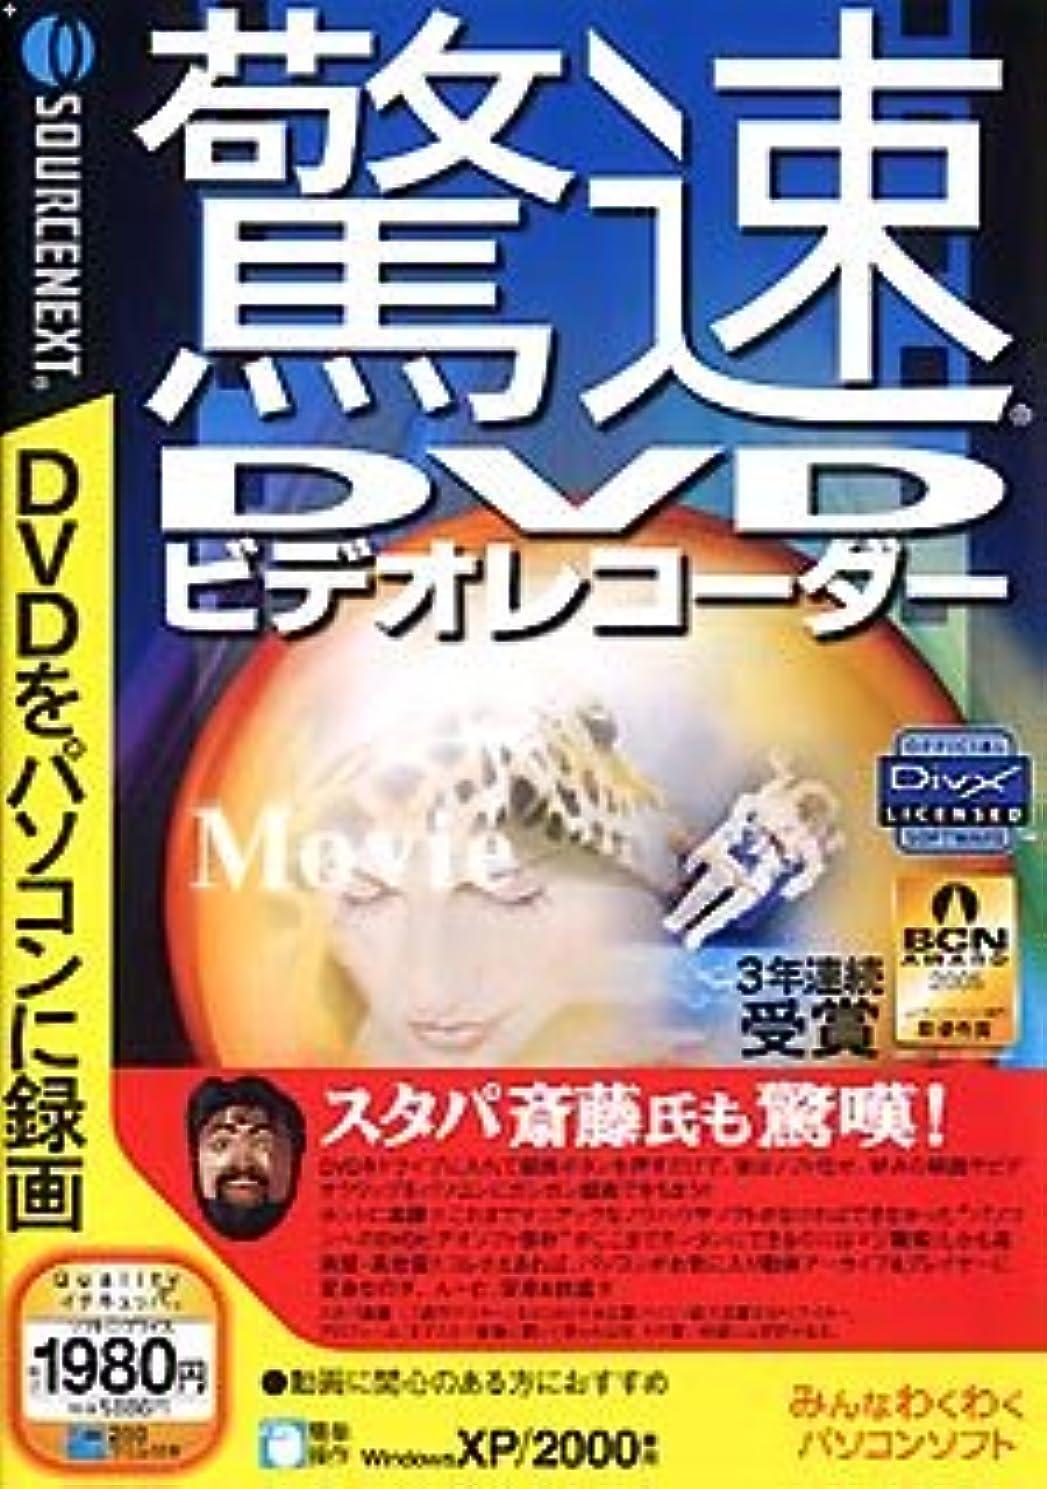 汚染フィッティングトランザクション驚速DVD ビデオレコーダー (税込\1980 スリムパッケージ版)